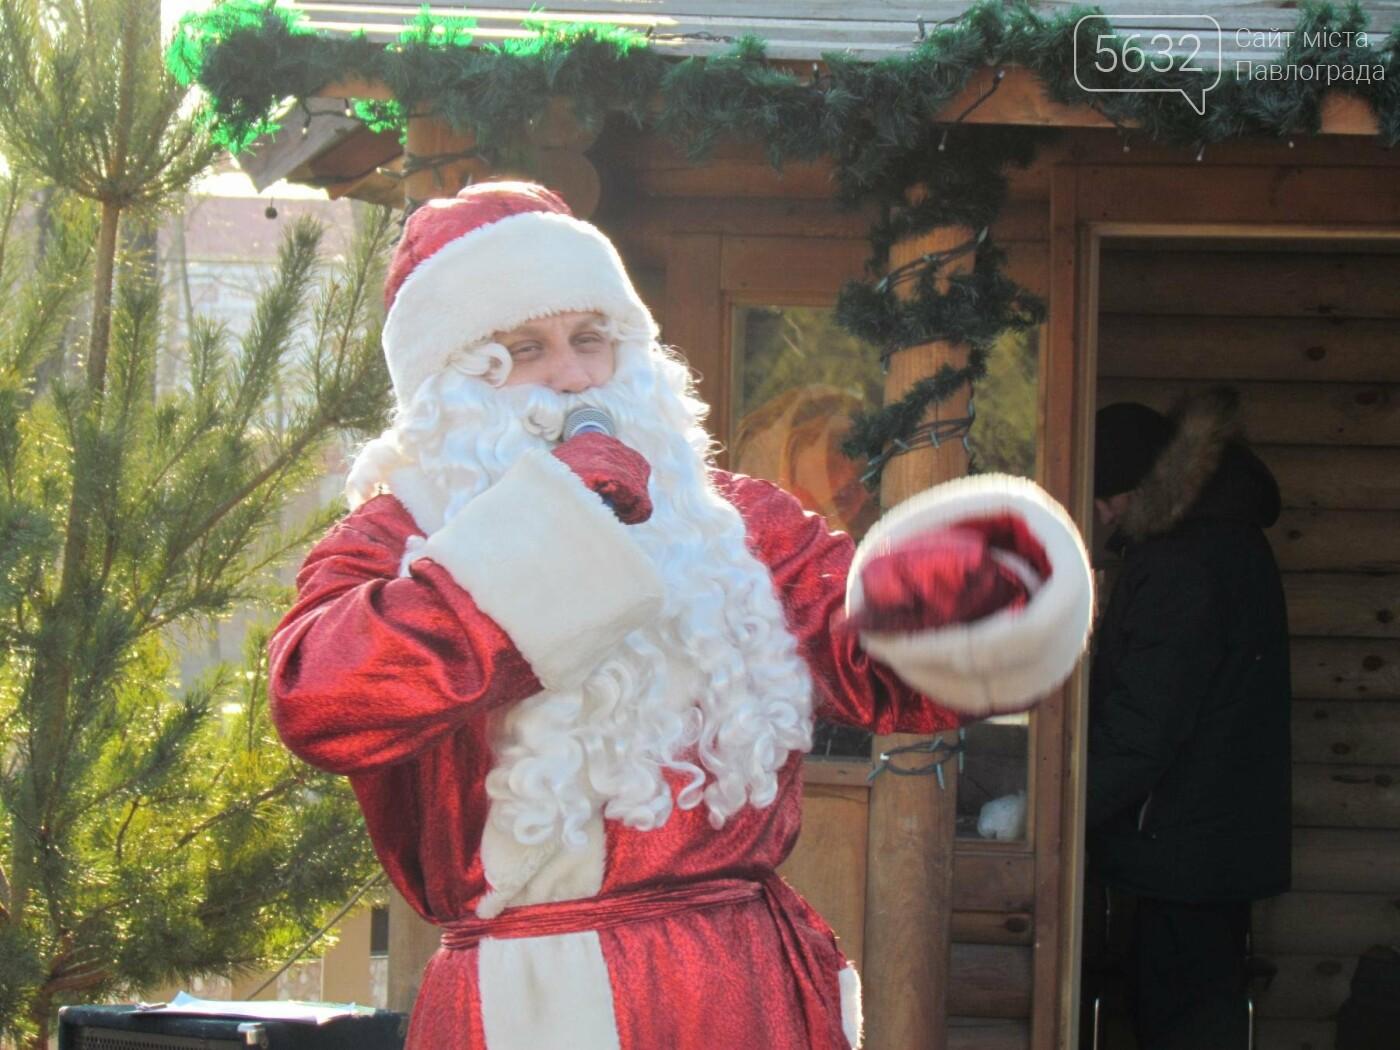 Павлоградцы попрощались с новогодней елкой, фото-6